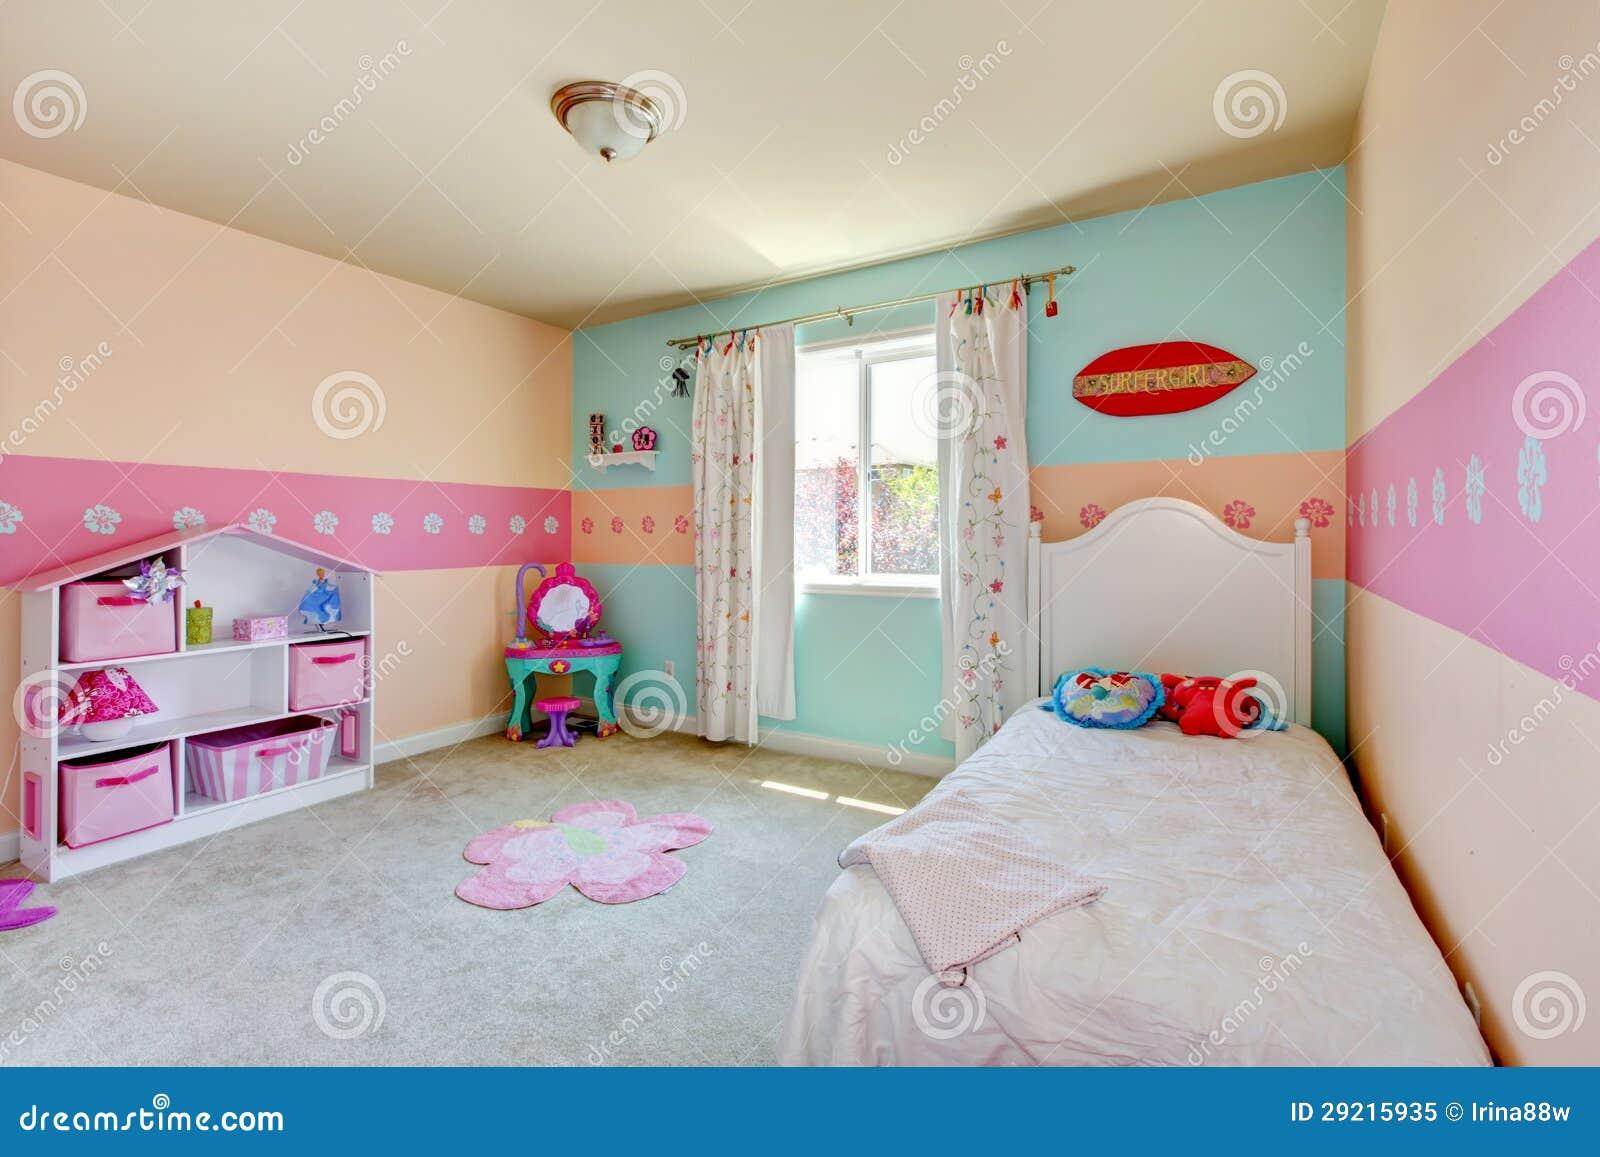 babyschlafzimmer mit weißem bett. lizenzfreies stockfoto - bild, Schlafzimmer